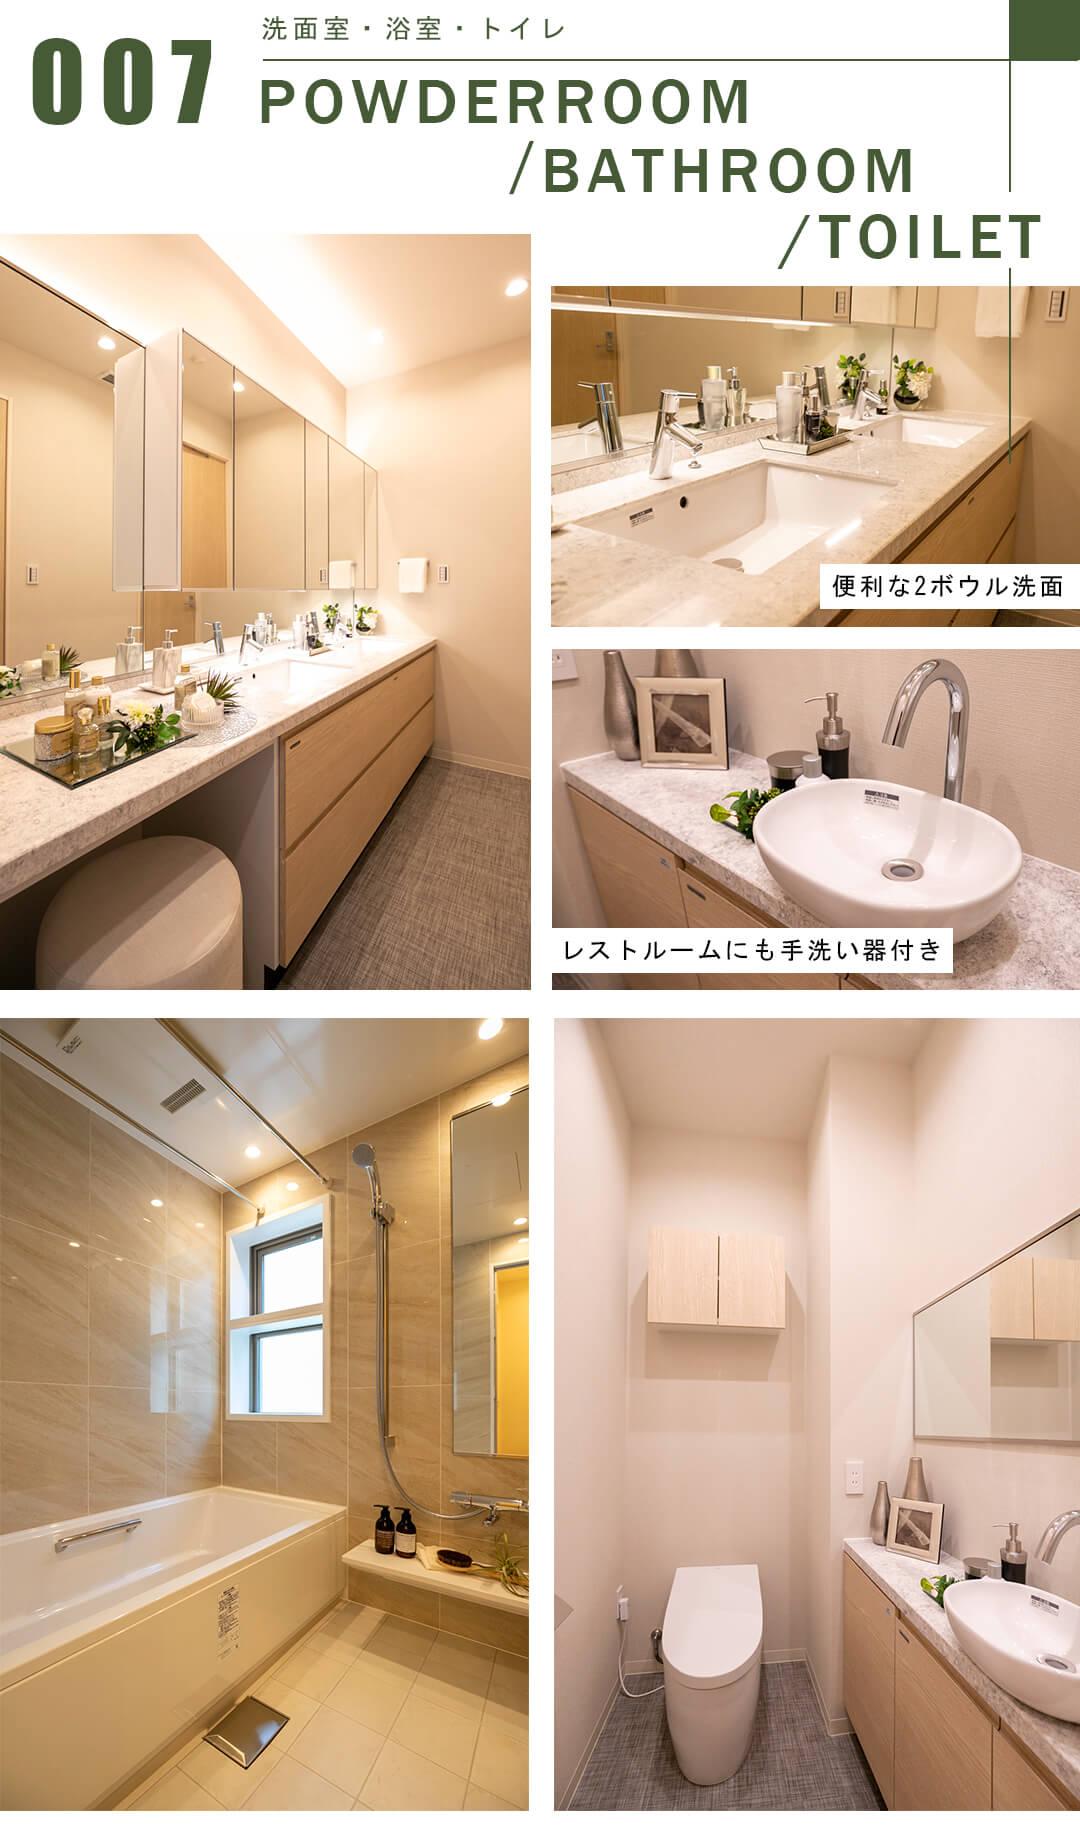 グランドメゾン南青山の洗面室と浴室とトイレ